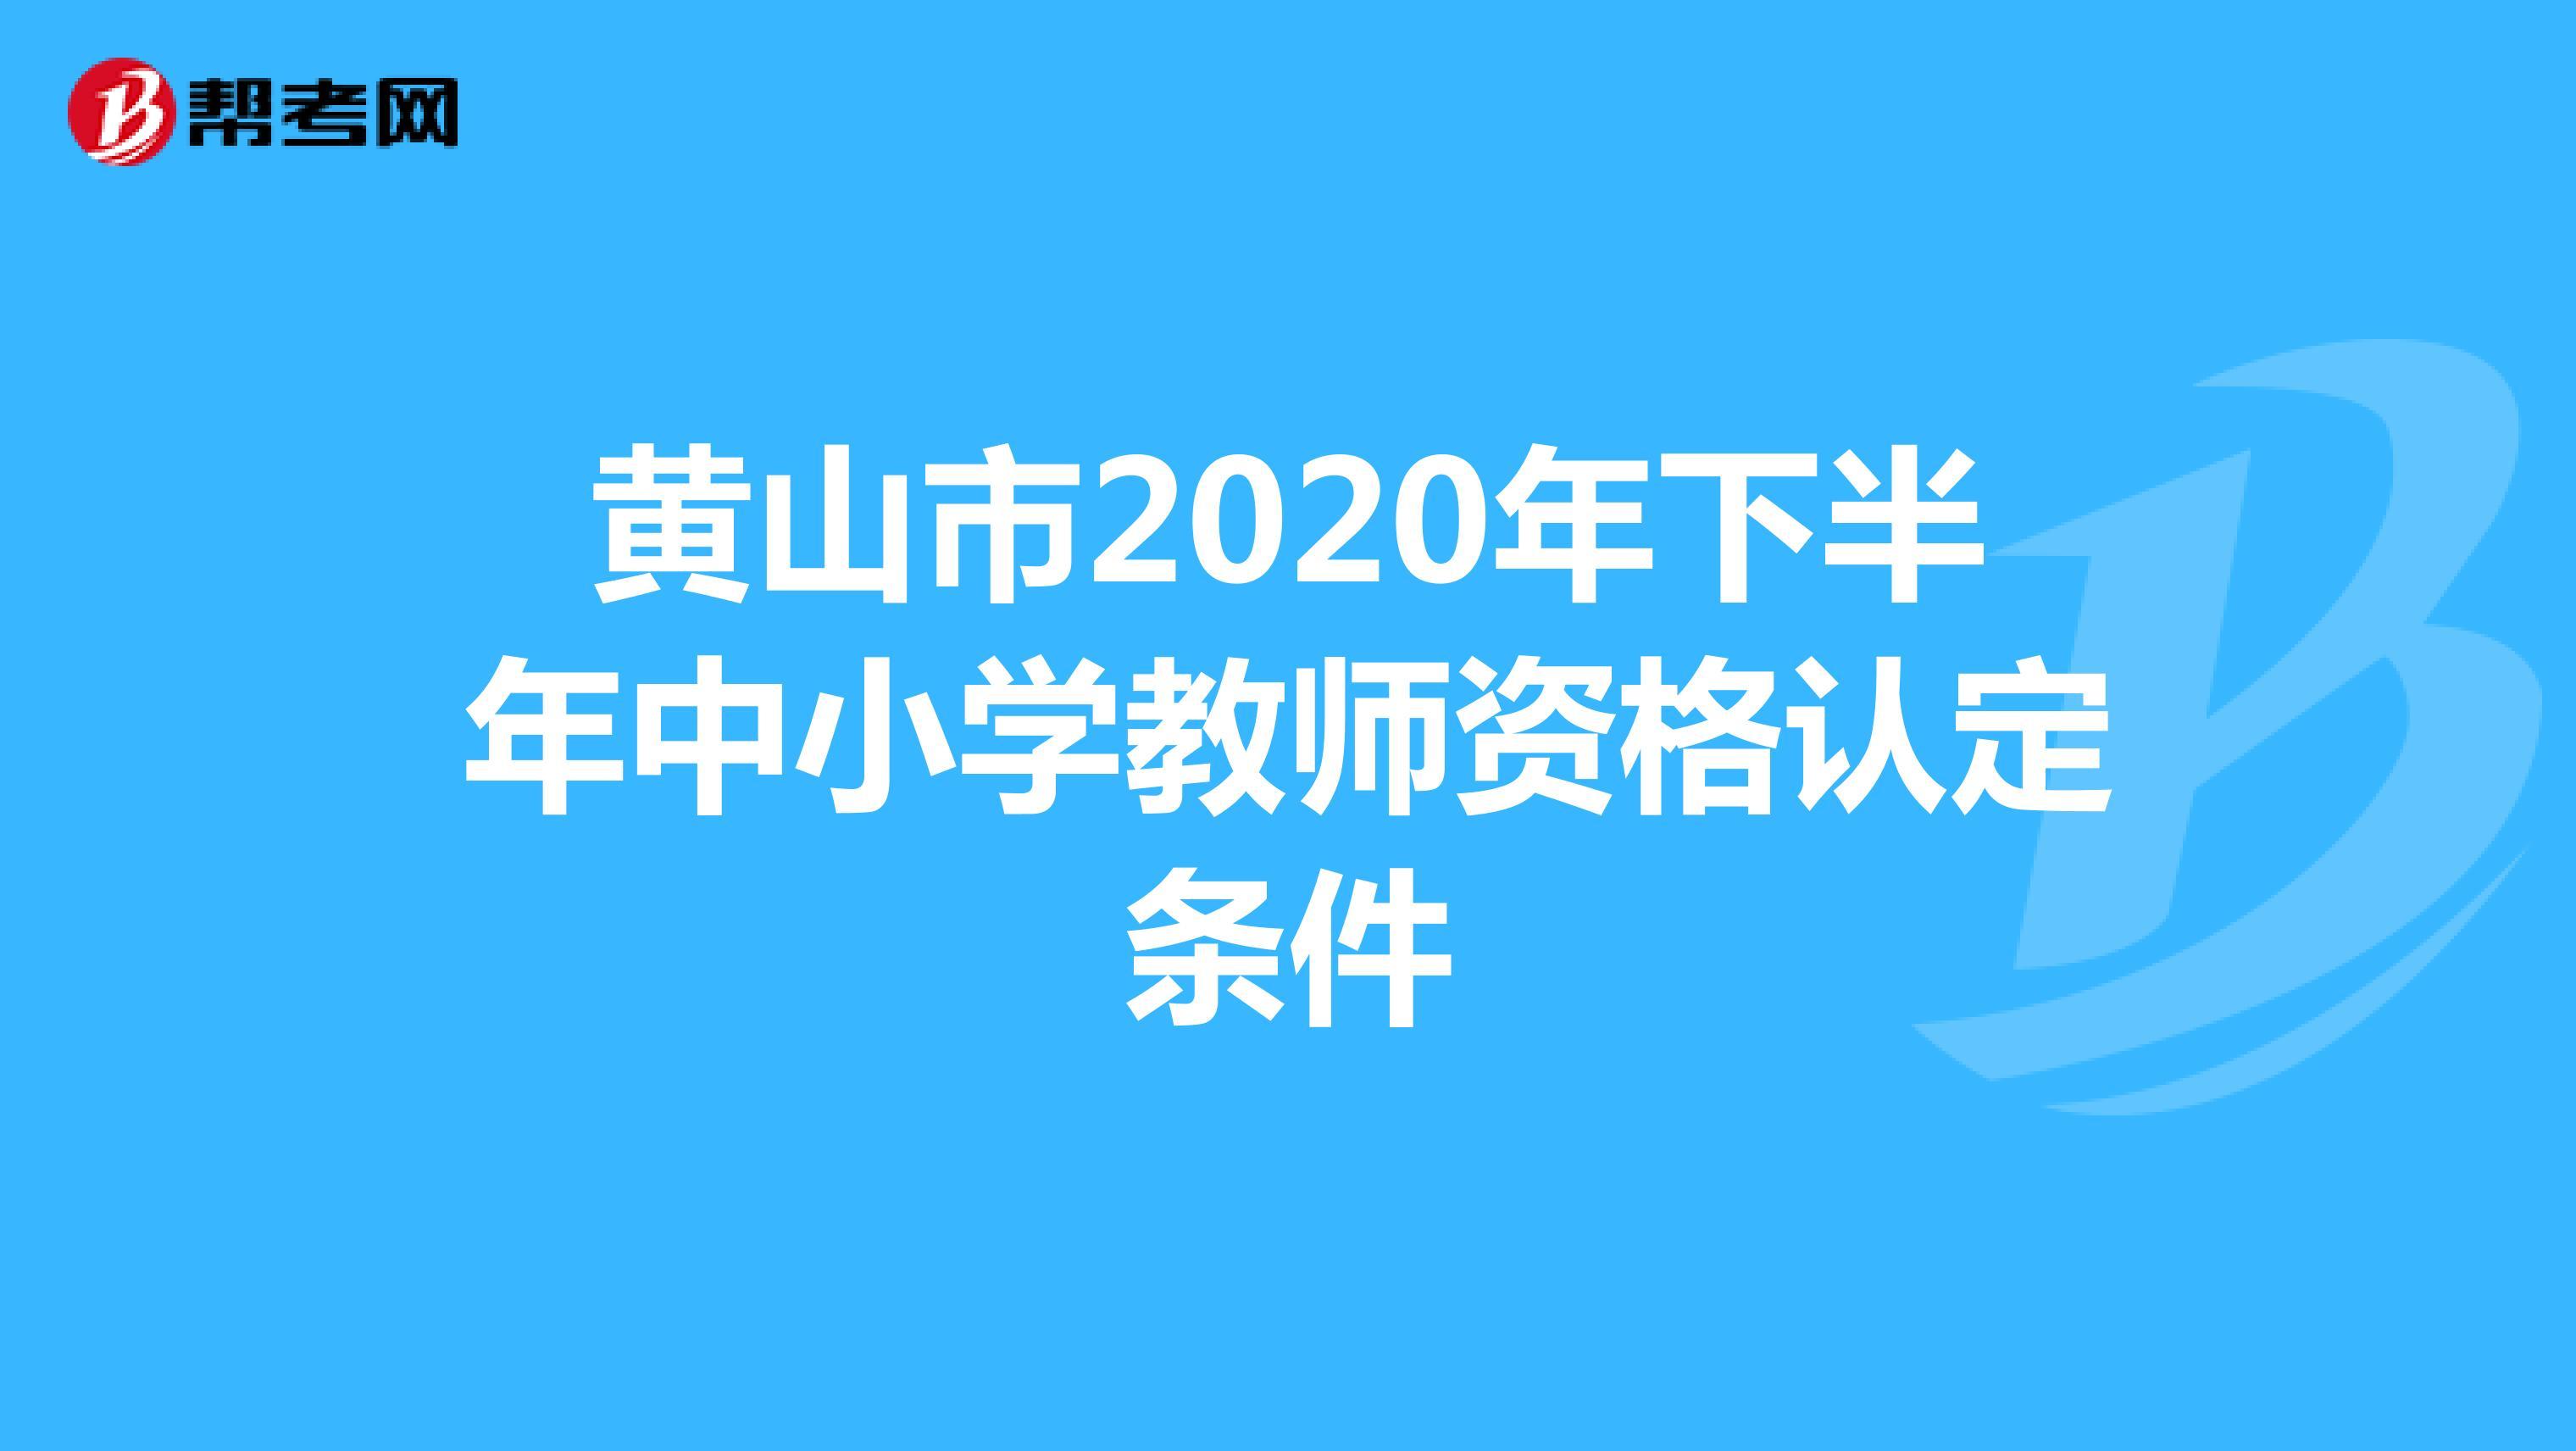 黄山市2020年下半年中小学教师资格认定条件